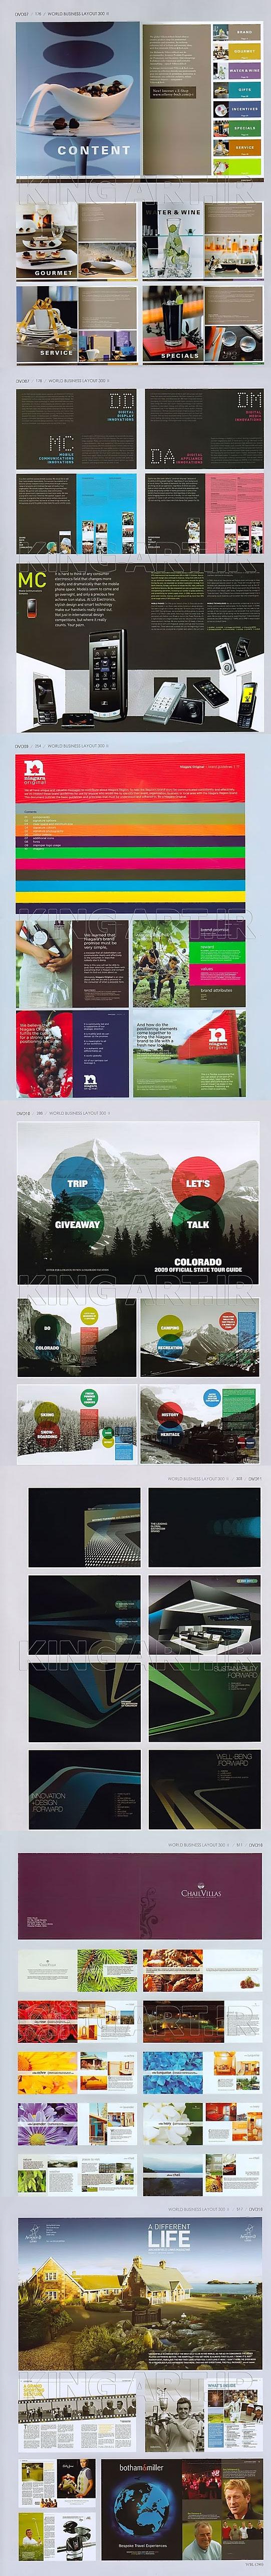 نمونه کاتالوگ تمپلیت های طراحی کاتالوگ – ول 1